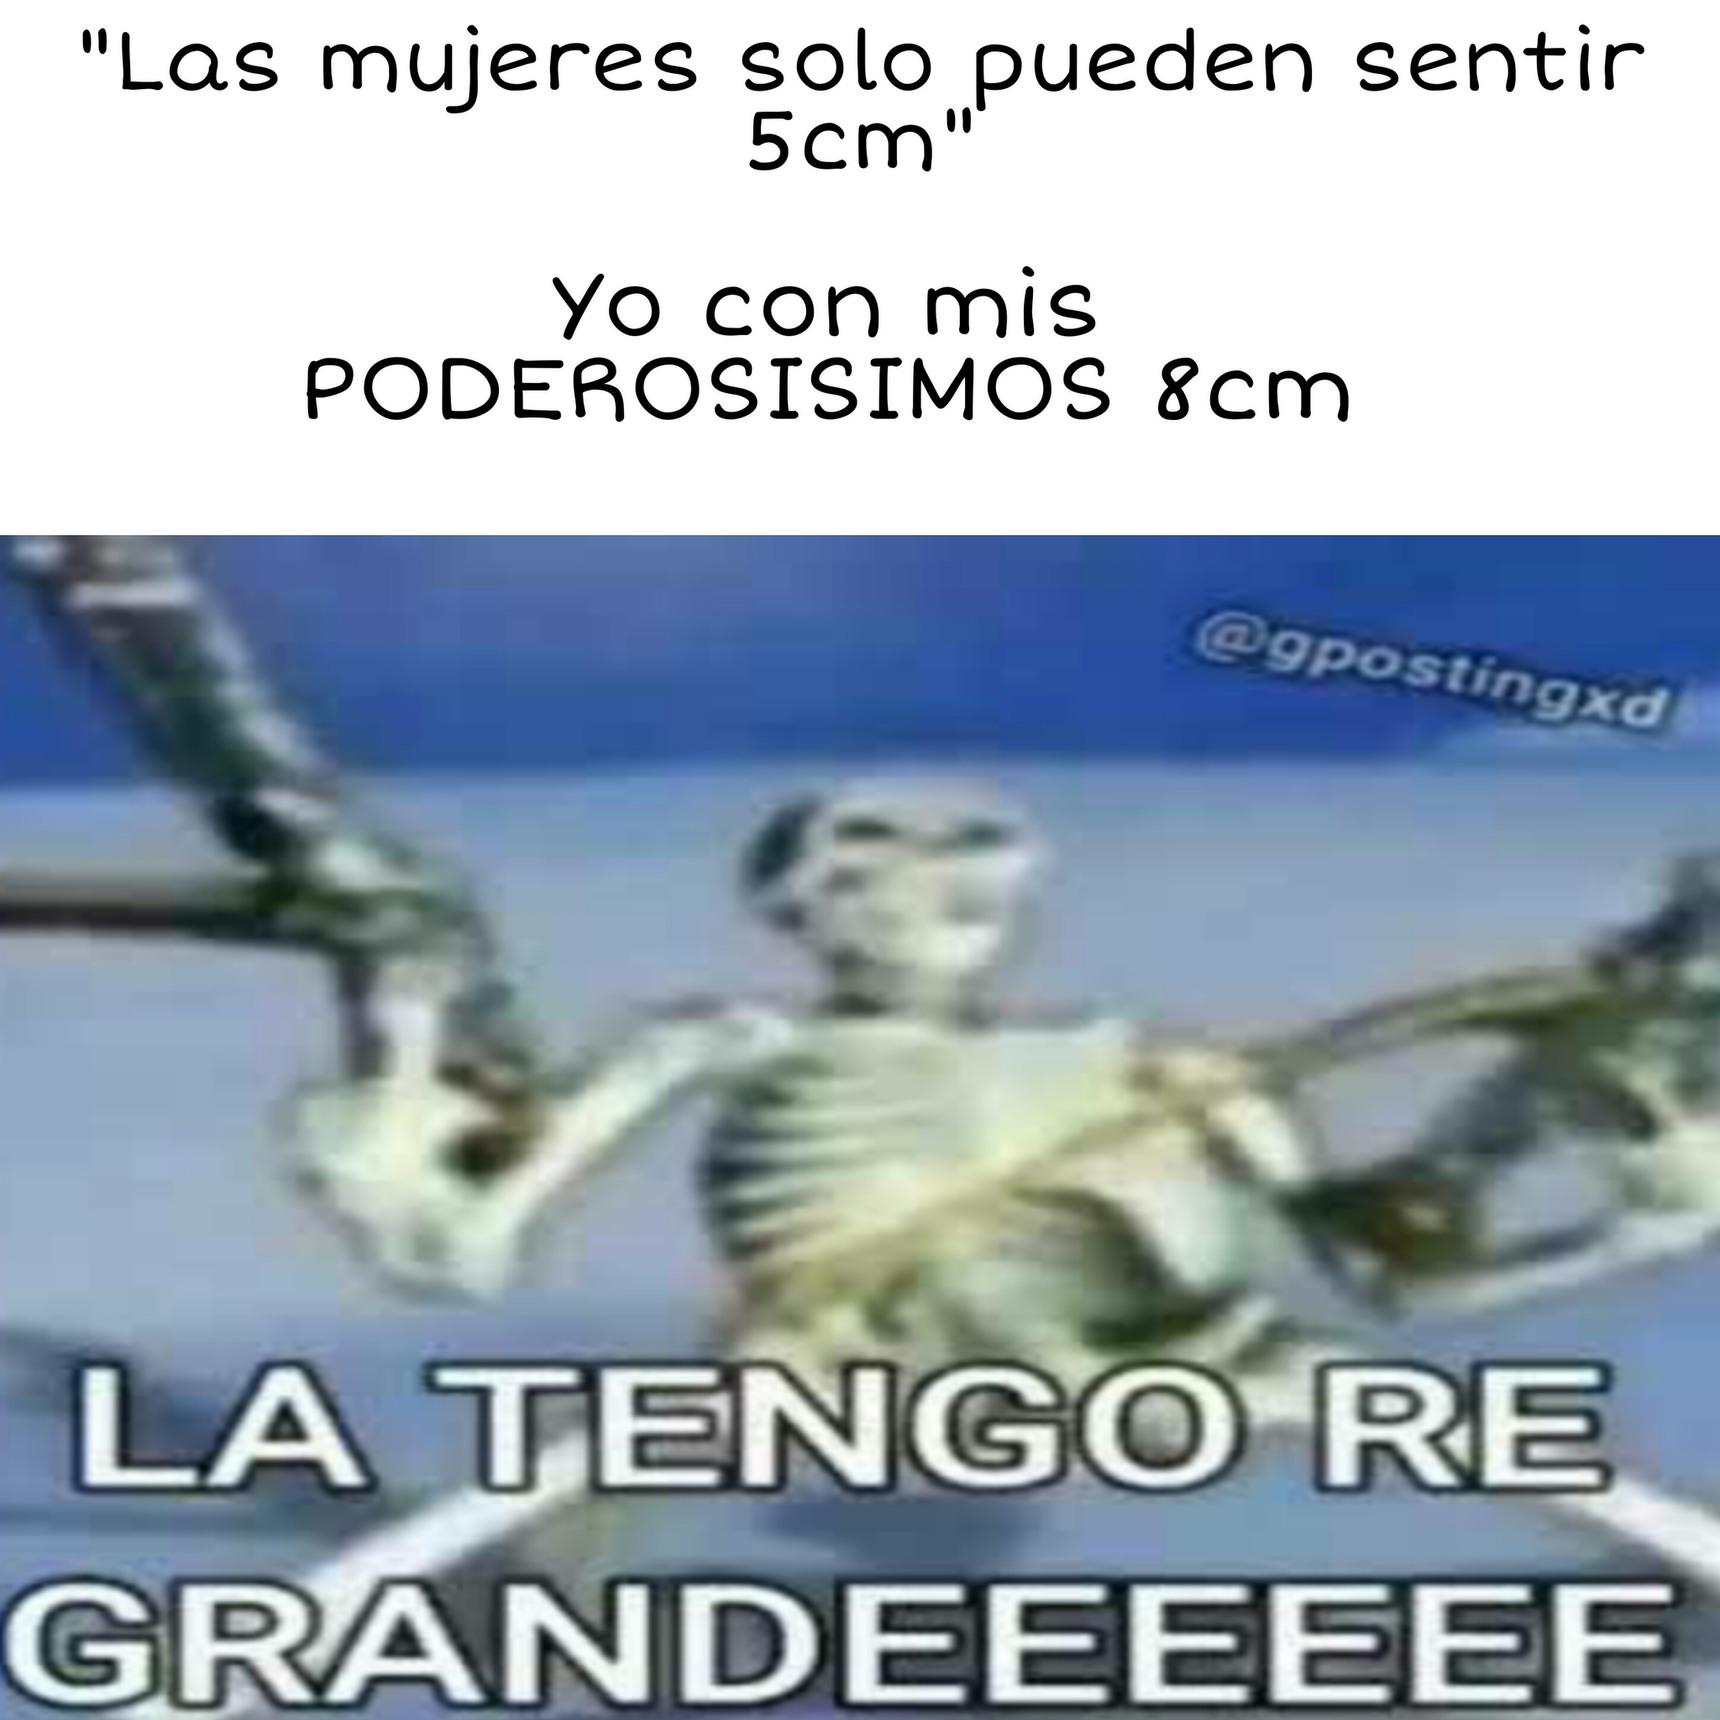 LA TENGO RE GRANDEEEEEE - meme